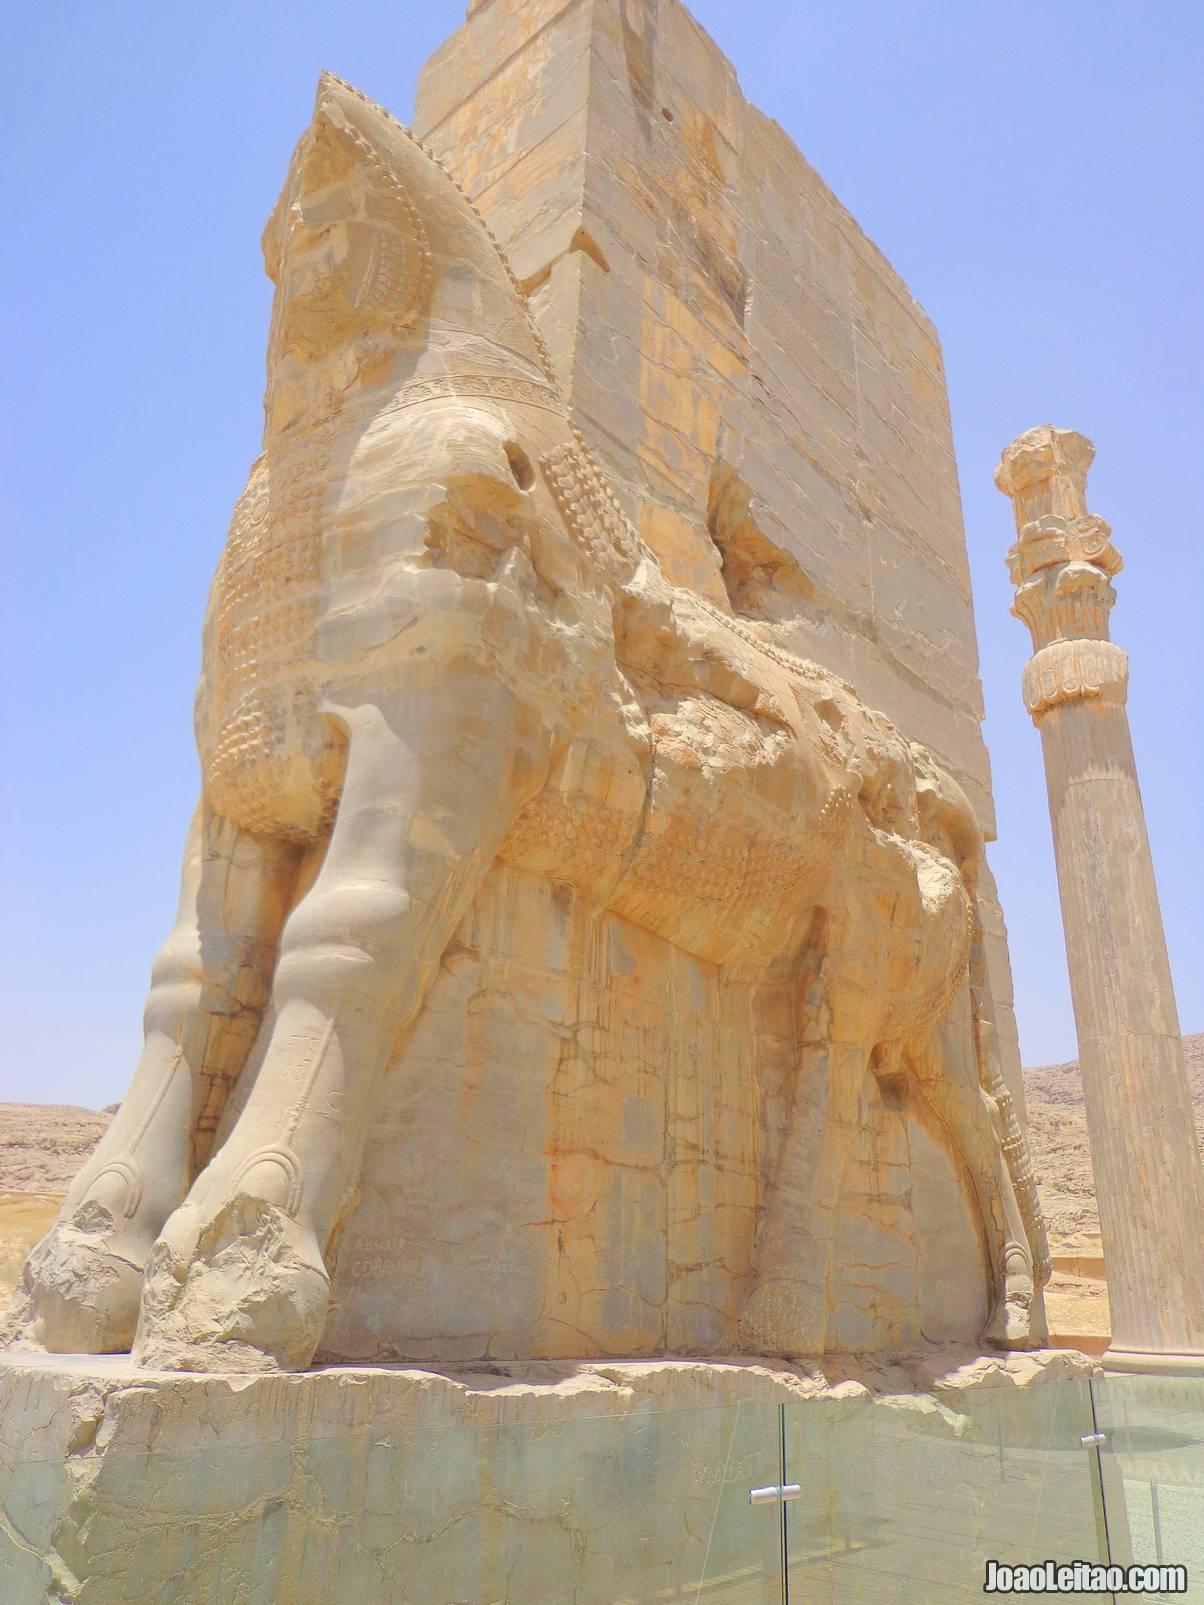 Visit Persepolis in Iran